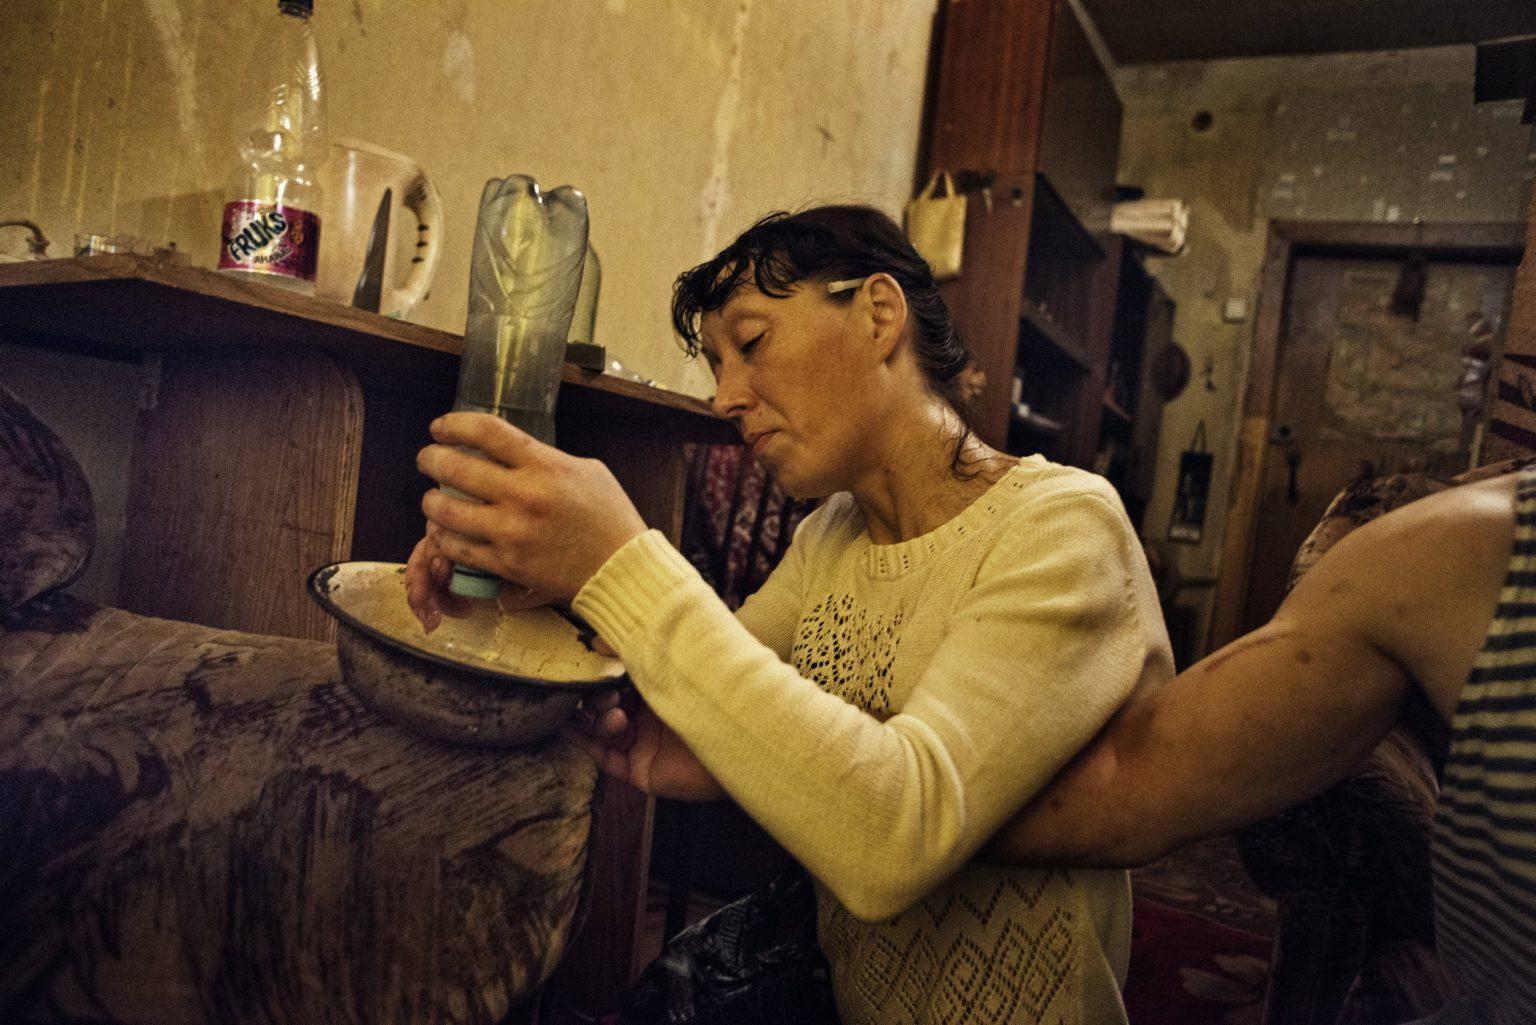 Yekaterinburg, Russia, November 2013 - Zhanna under the effect of Krokodil, trying to filter water from a bottle. (She died in 2015 due to the long use of Krokodil). >< Yekaterinburg, Russia, novembre 2013 - Sotto l'effetto della Krokodil Zhanna prova a filtrare dell'acqua da una bottiglia. (Zhanna è morta nel 2015 a seguito dell'uso prolungato di Krokdoil).